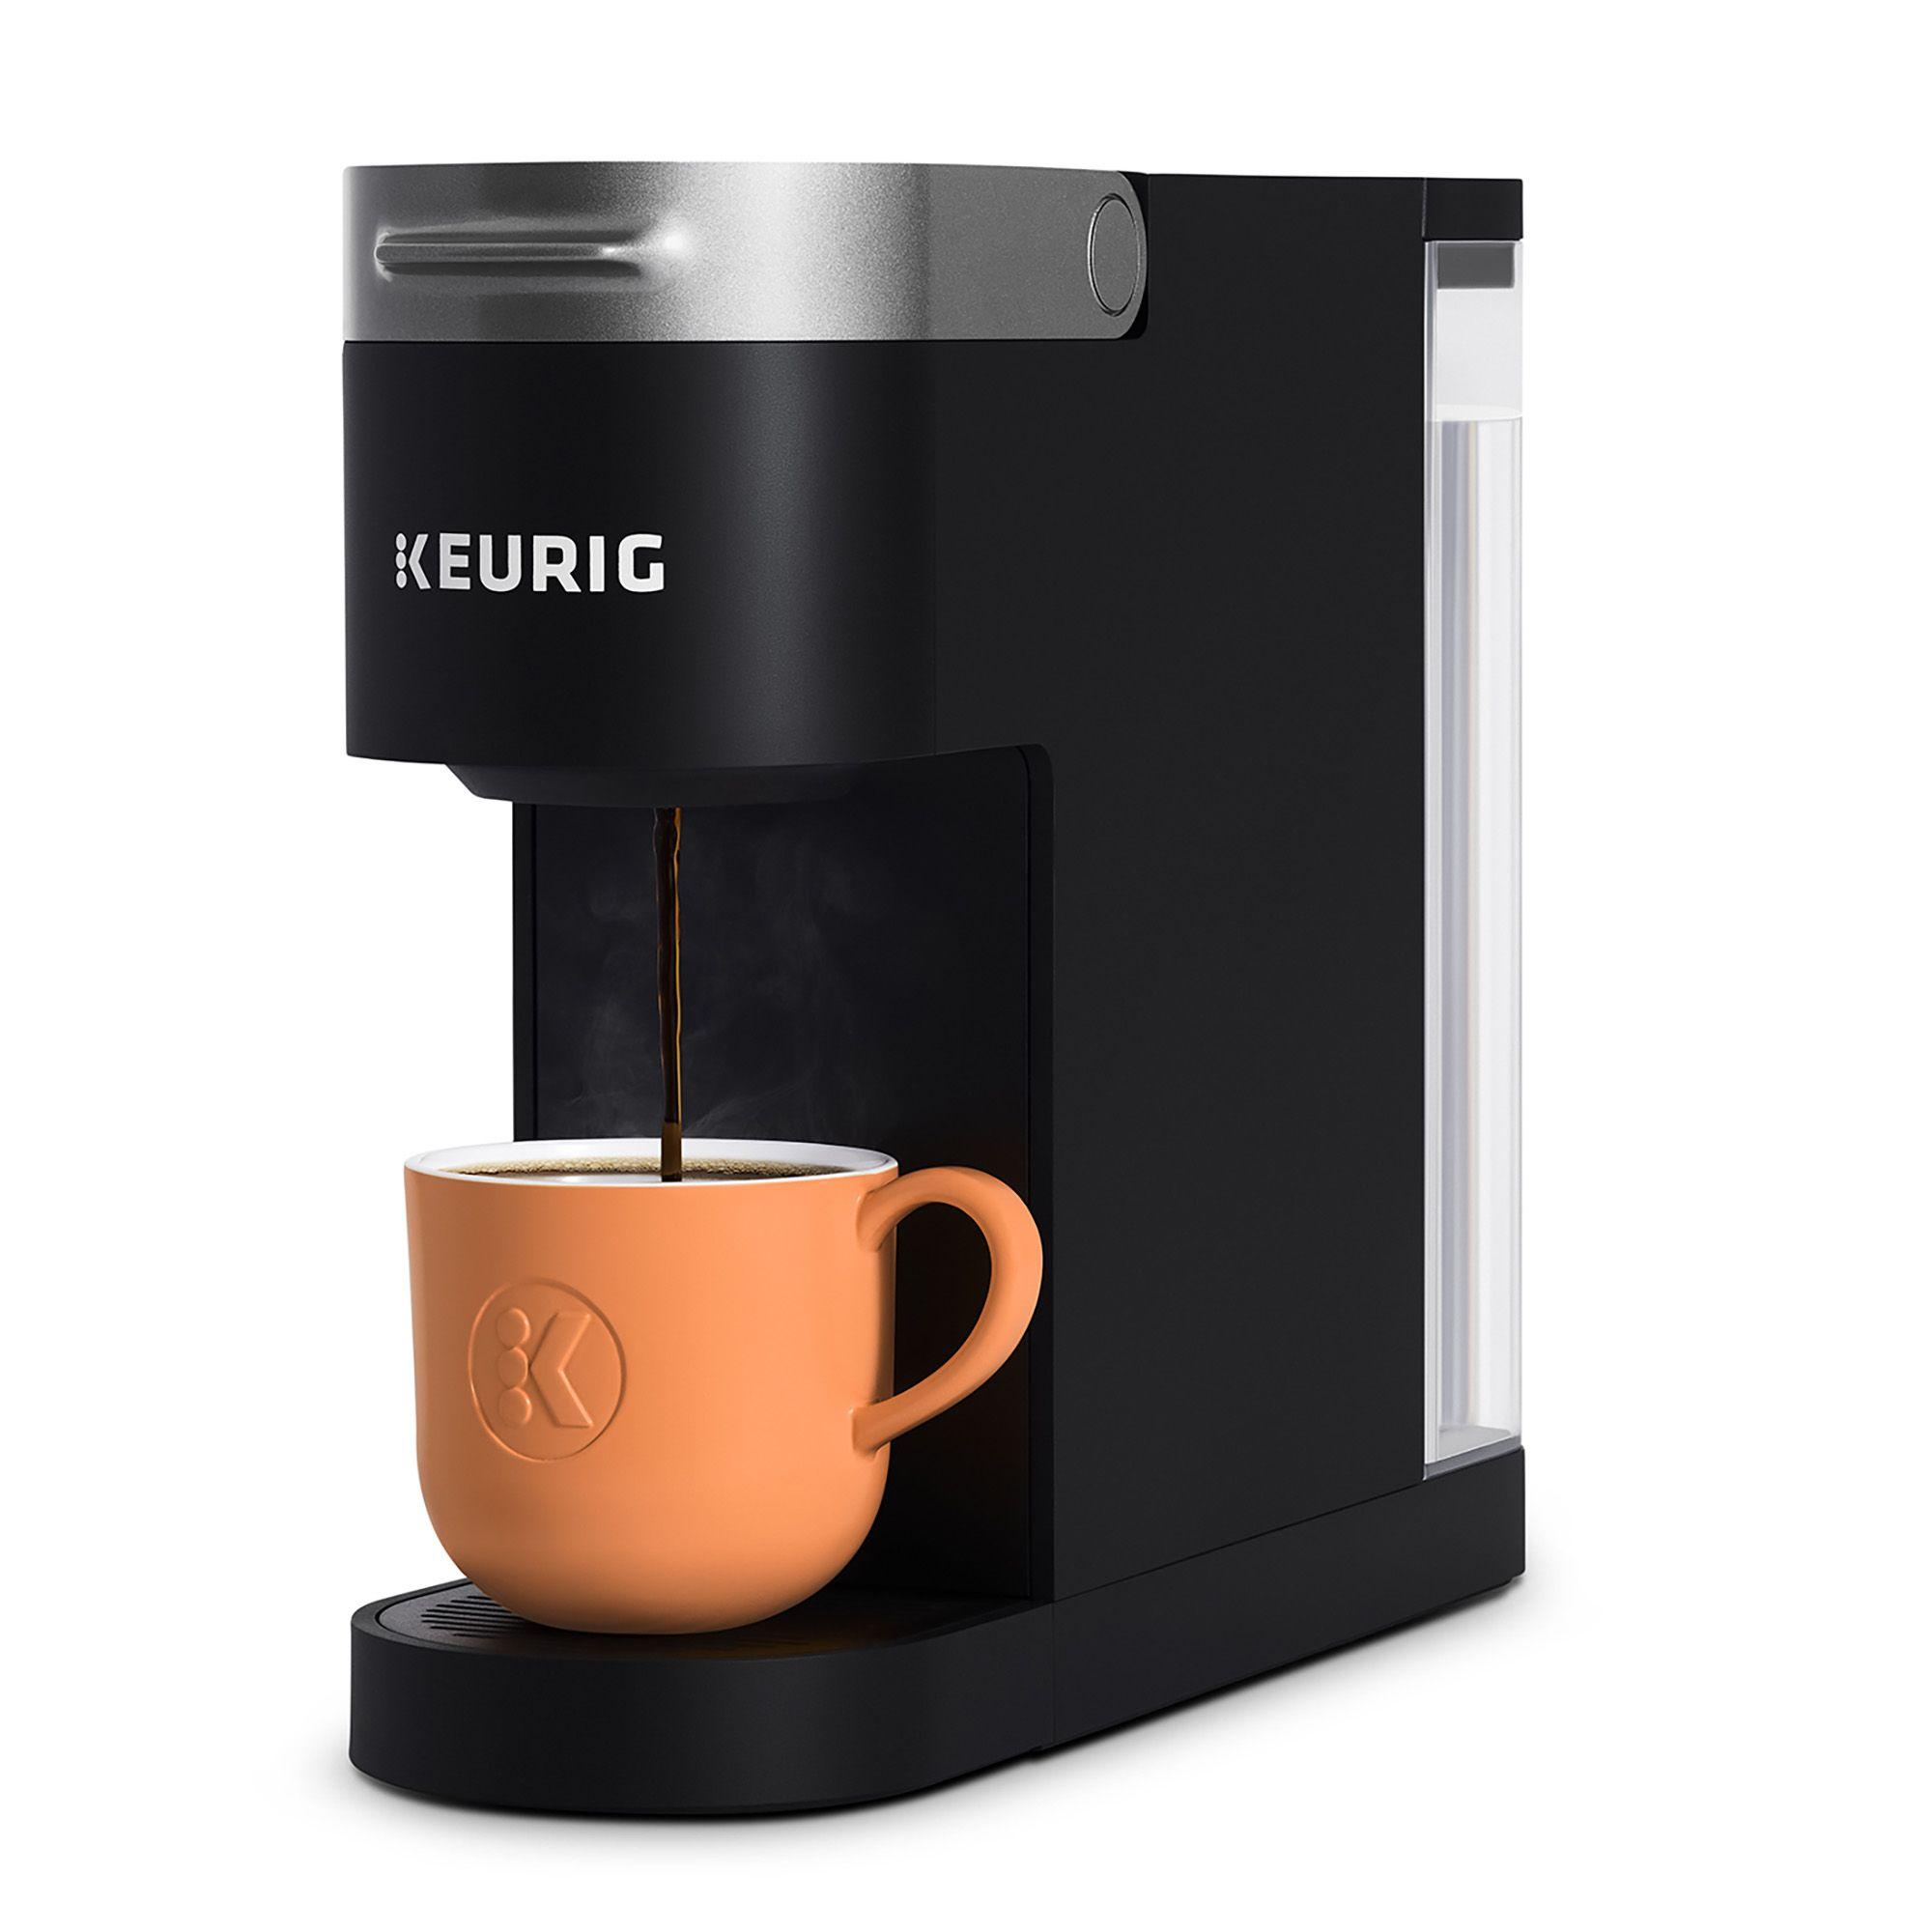 Keurig KSlim Coffee Maker, Single Serve KCup Pod Coffee